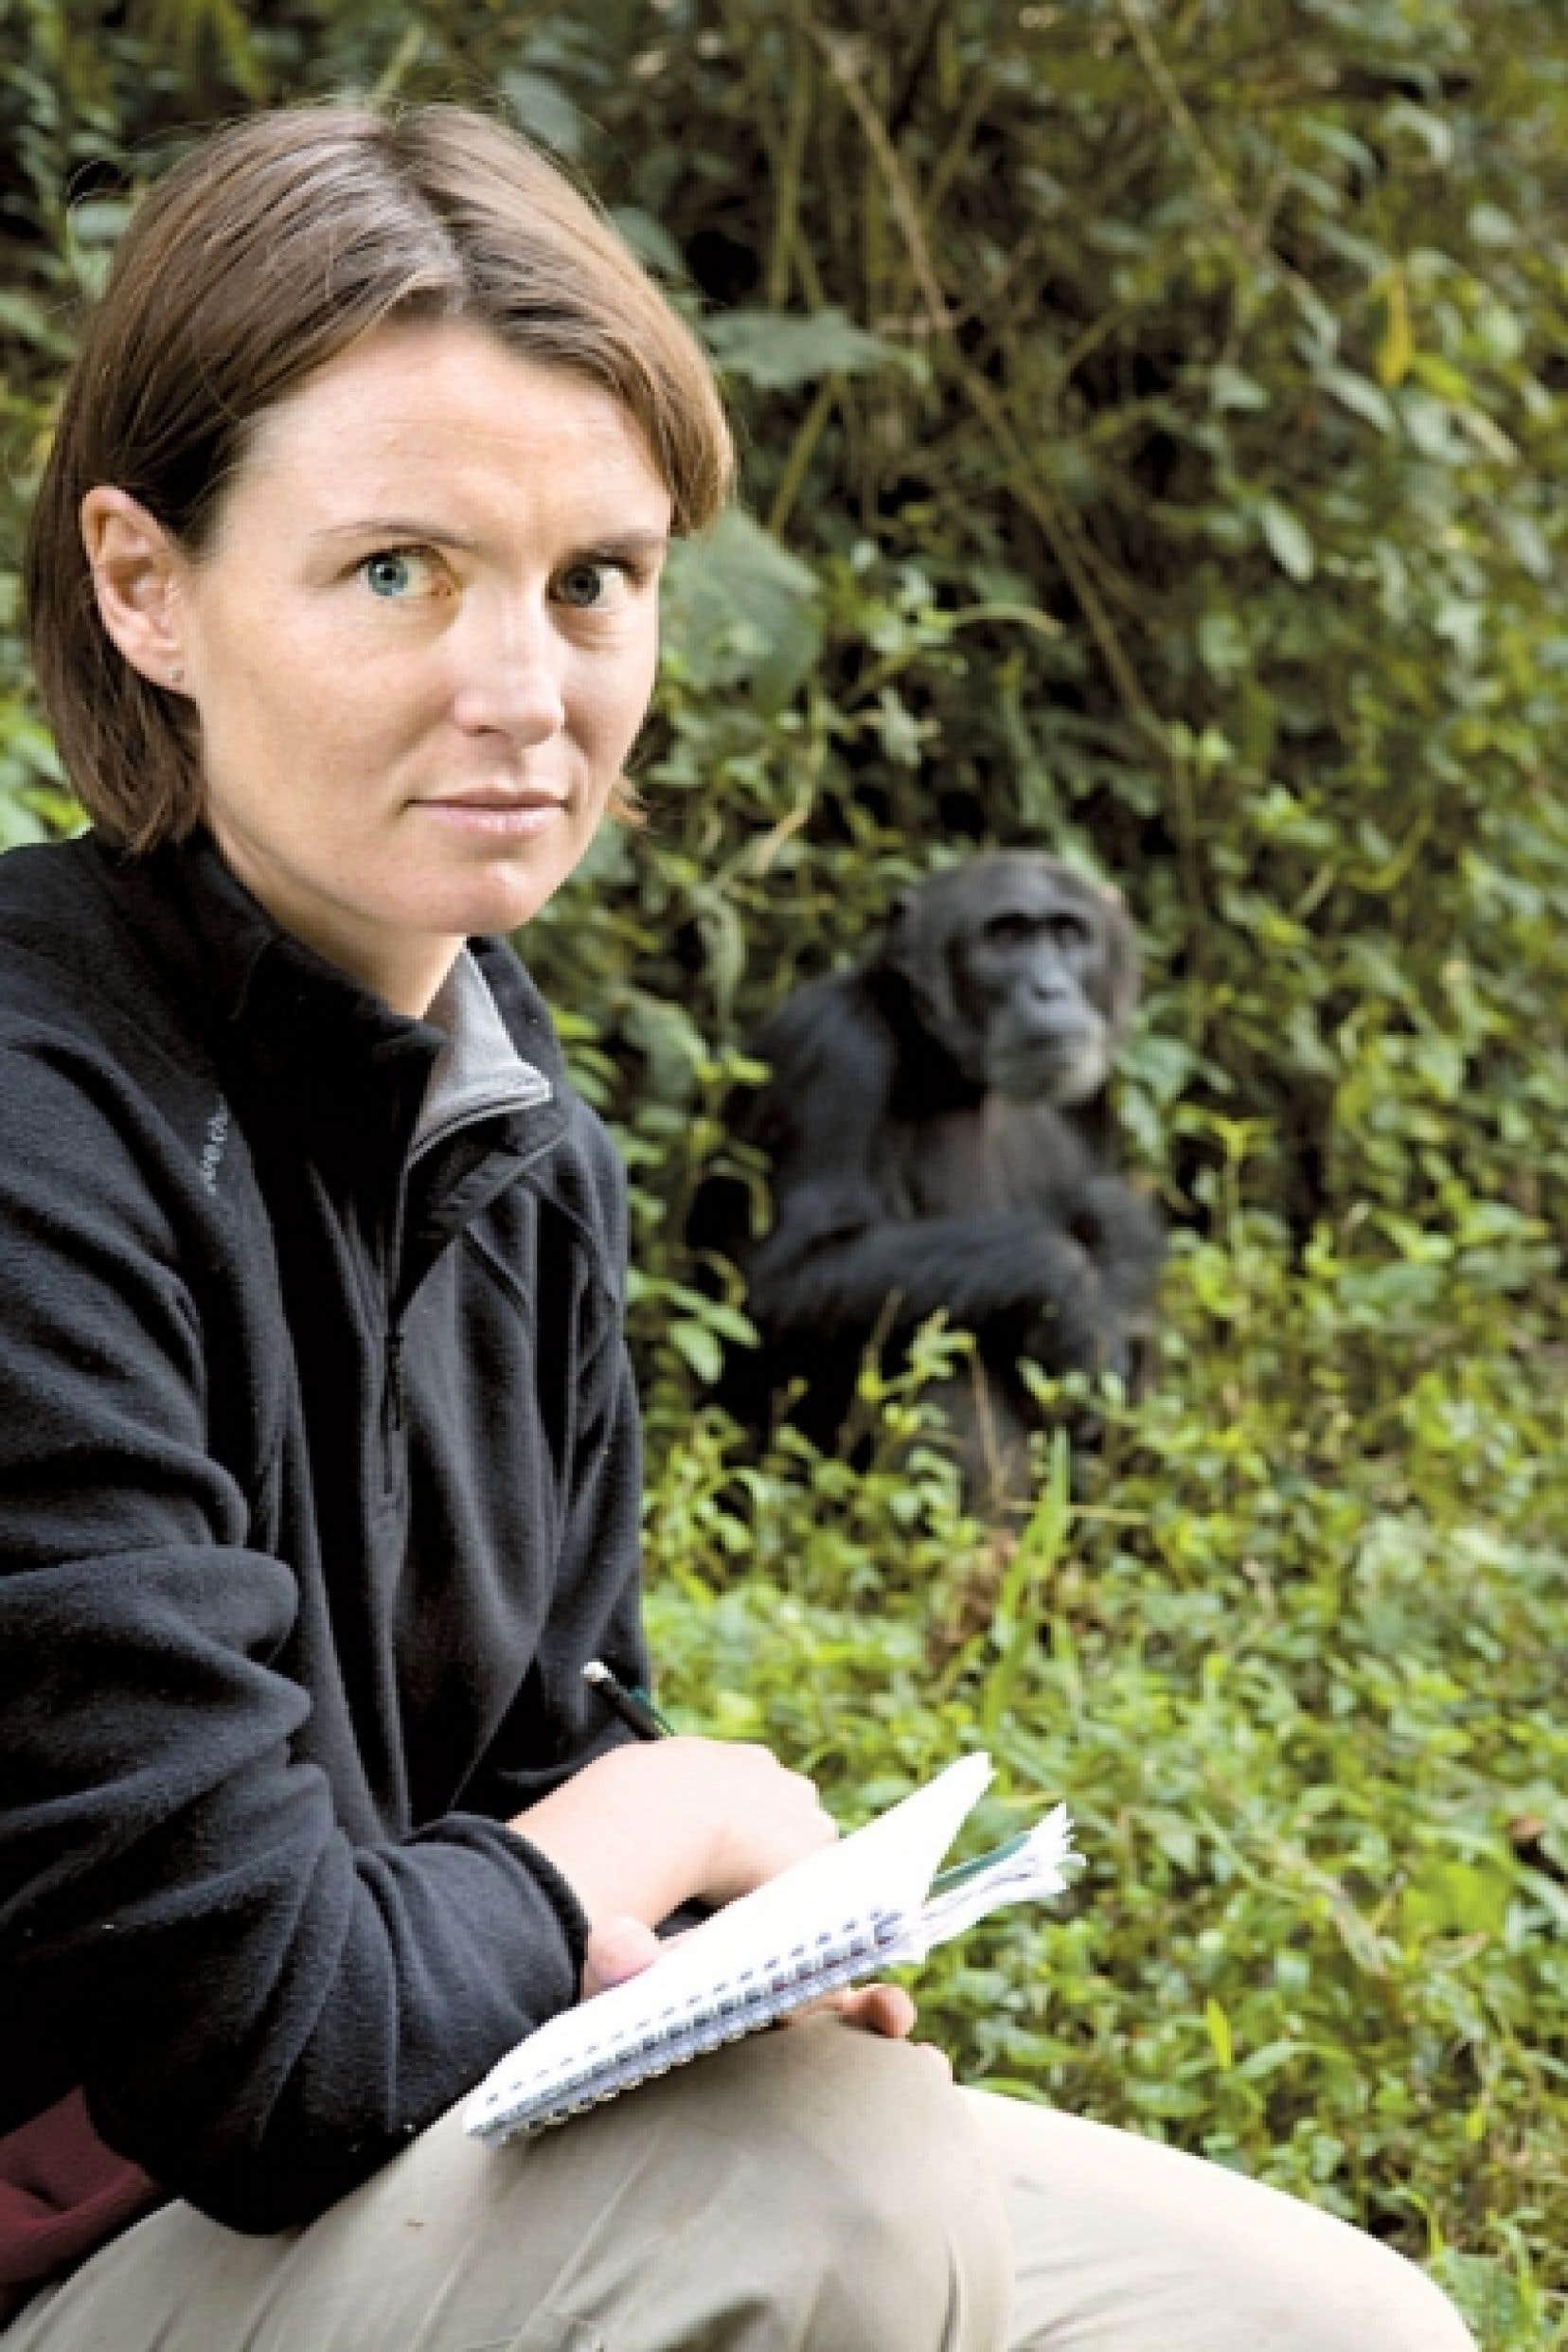 « Il y a des plantes dont la surface est hérissée de petits poils, donc très rugueuse, que les chimpanzés vont avaler tout rond sans les mâcher. Ces feuilles attrapent au passage les parasites digestifs qui sont à la surface de la muqueuse intestinale et, du coup, en permettent l'expulsion », explique la chercheuse Sabrina Krief, qui est aussi maître de conférences au Muséum national d'histoire naturelle de Paris.